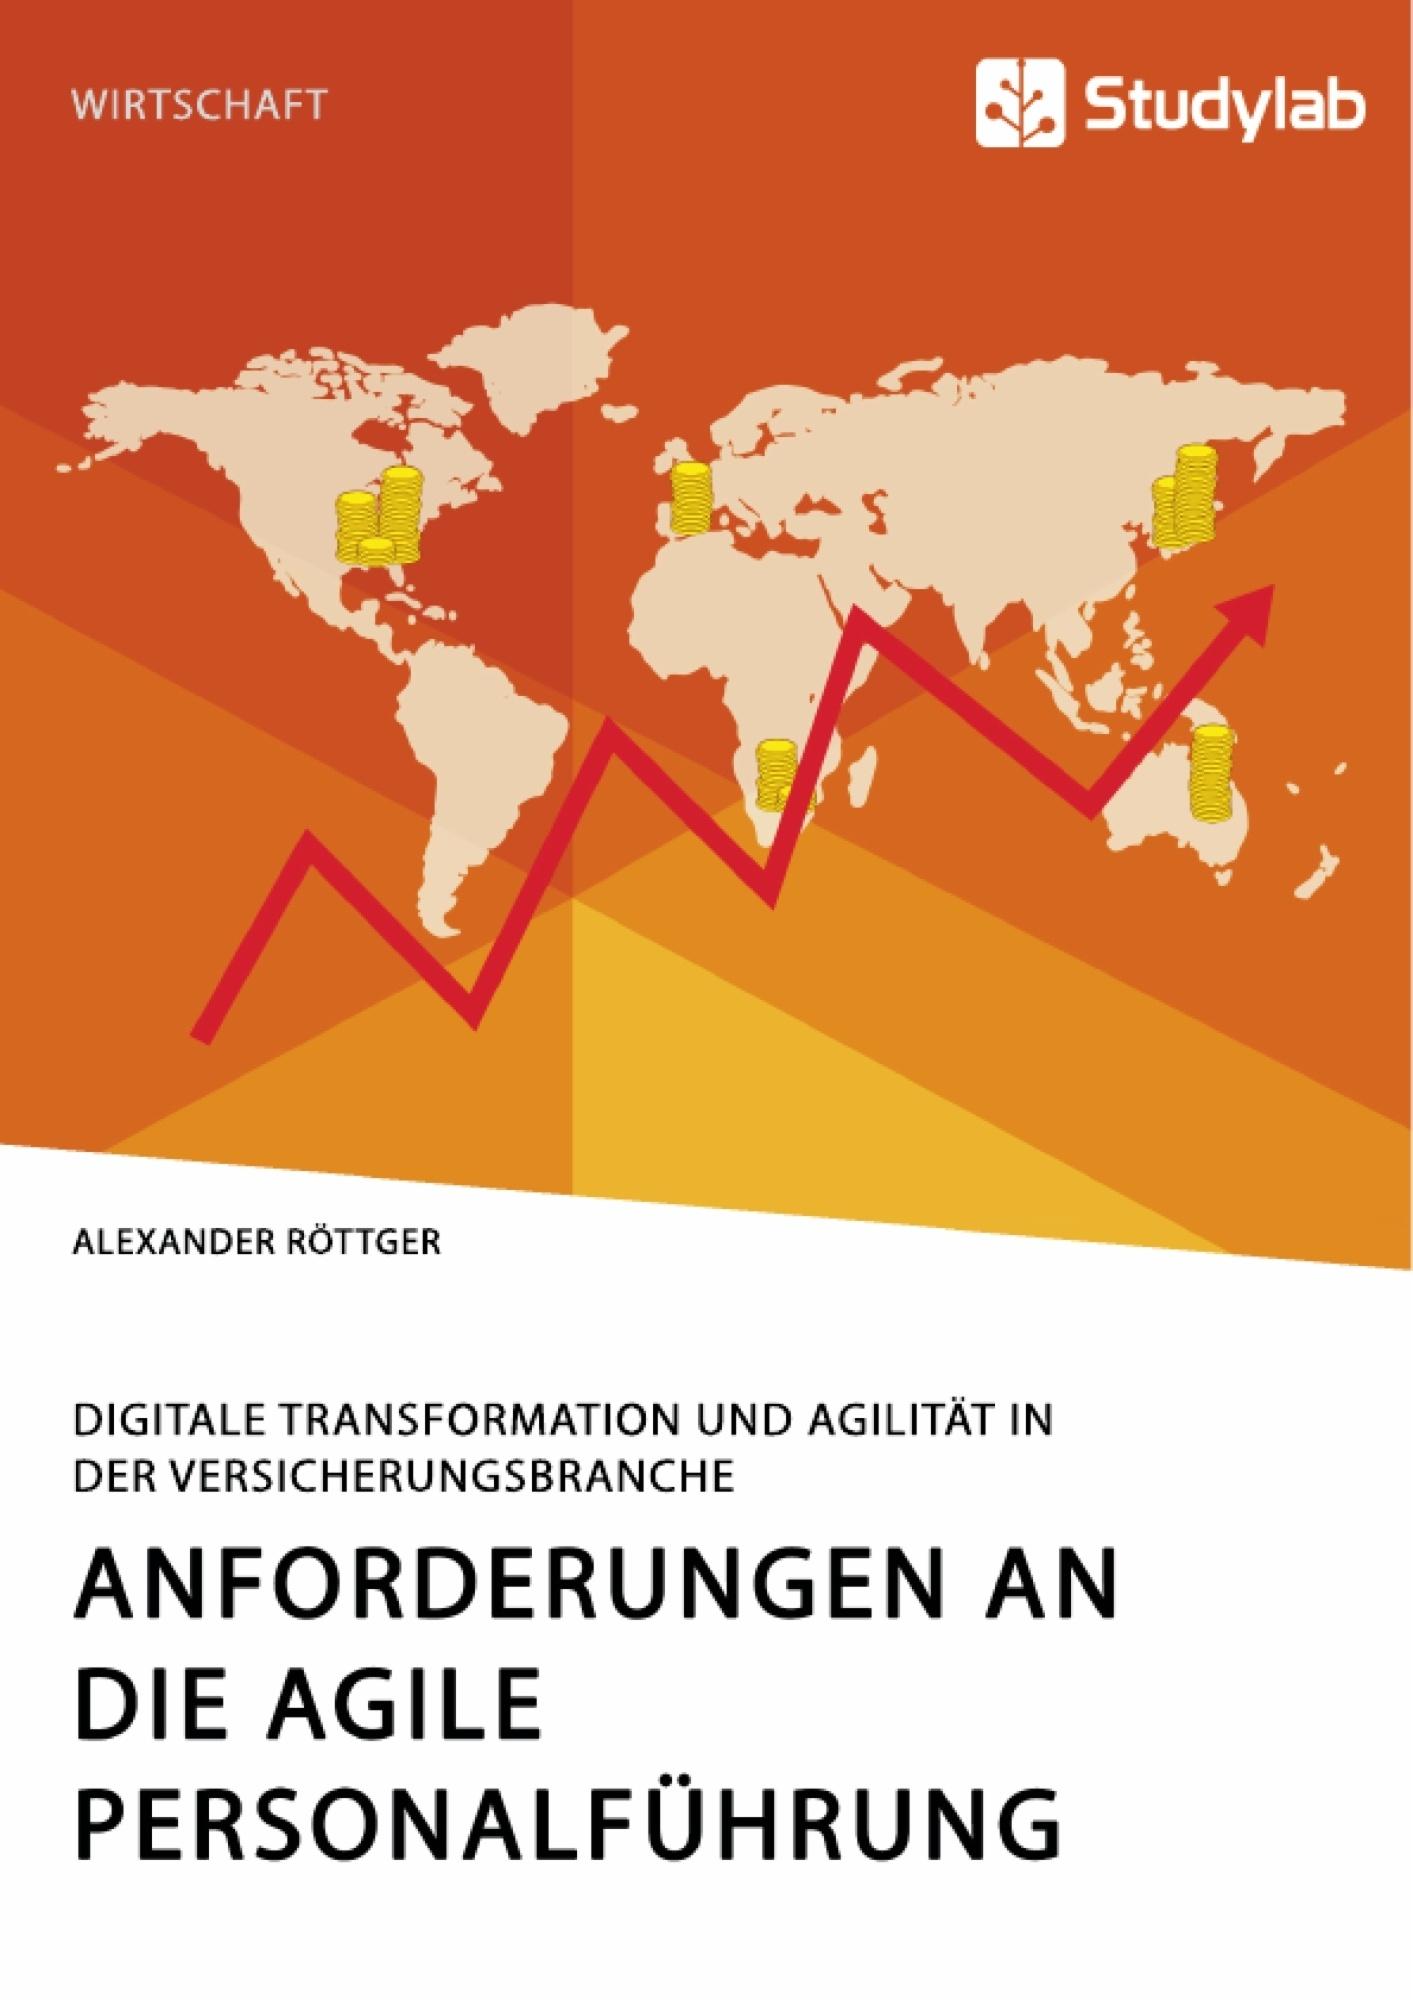 Titel: Anforderungen an die agile Personalführung. Digitale Transformation und Agilität in der Versicherungsbranche